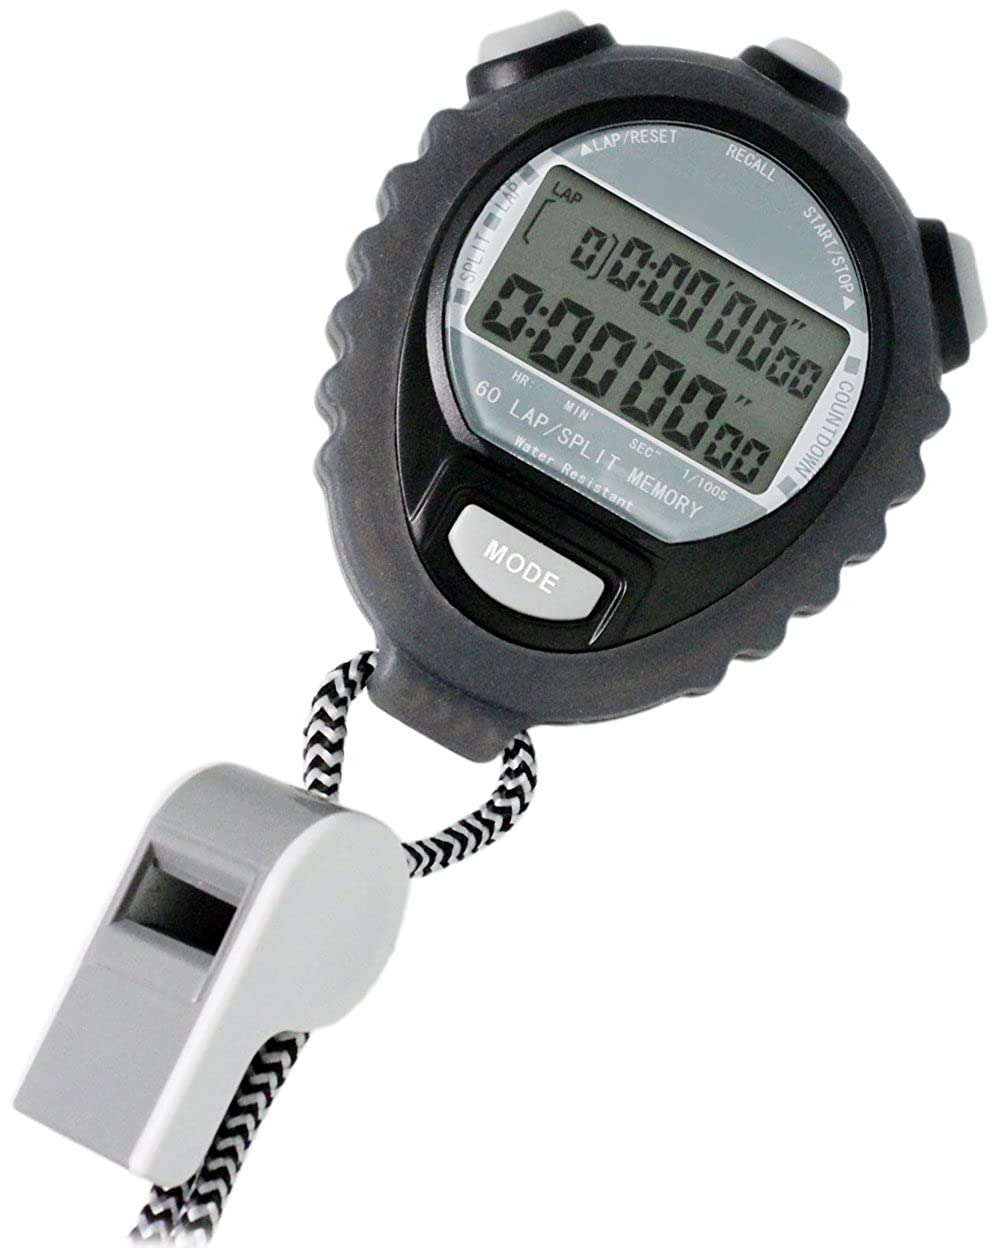 クレファー(CREPHA)デジタルストップウォッチ TEV-4026-BK